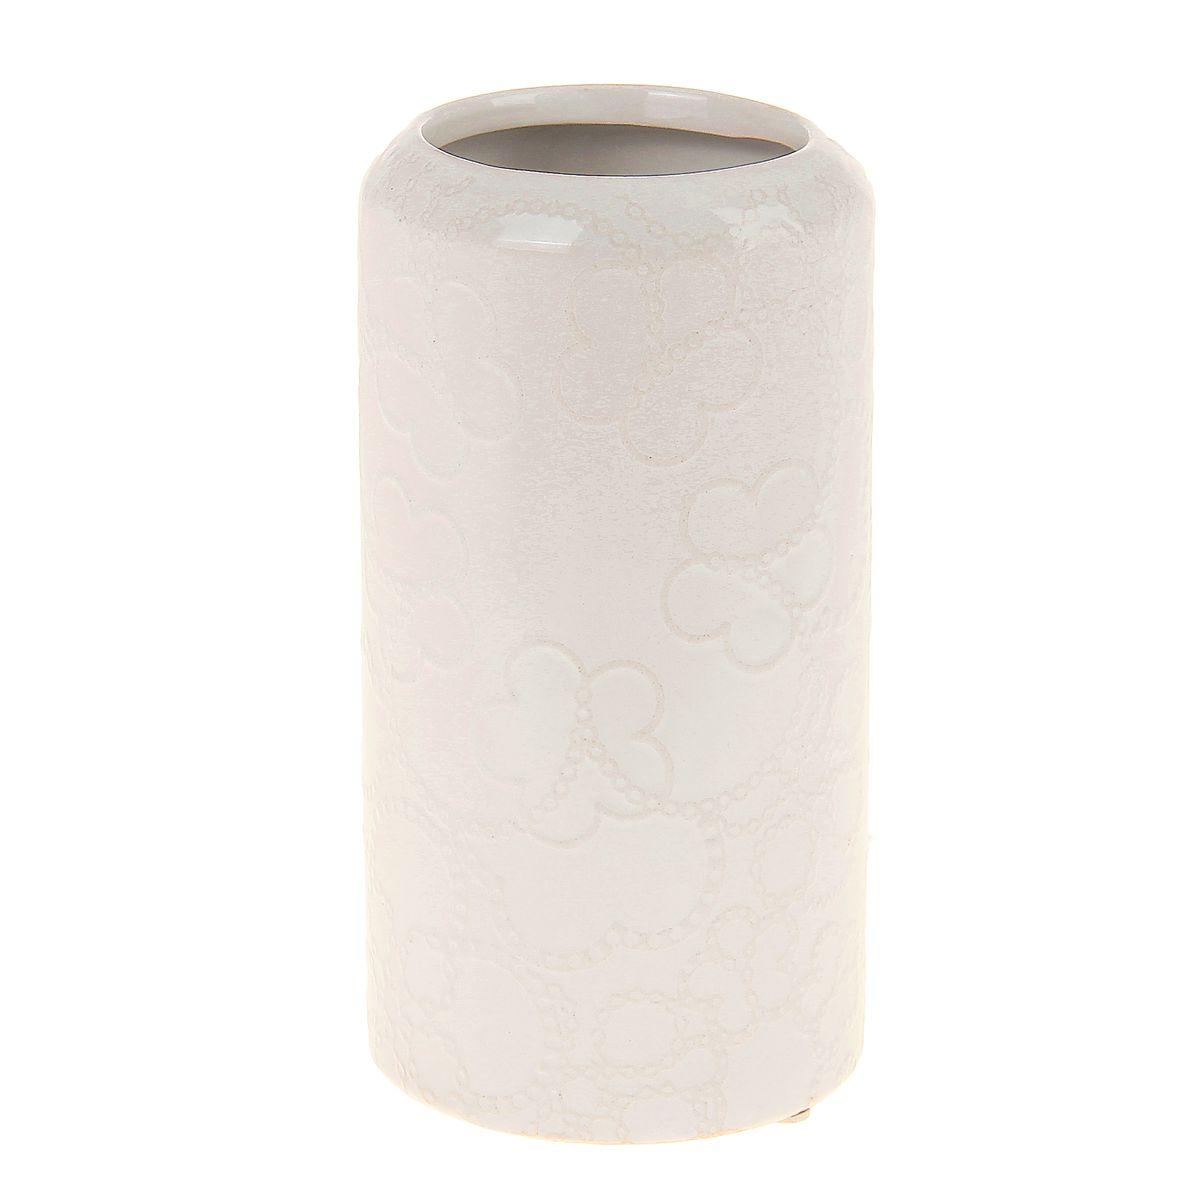 Ваза керамика кремовая кружева 20,5*10,5 см 863629863629Керамика